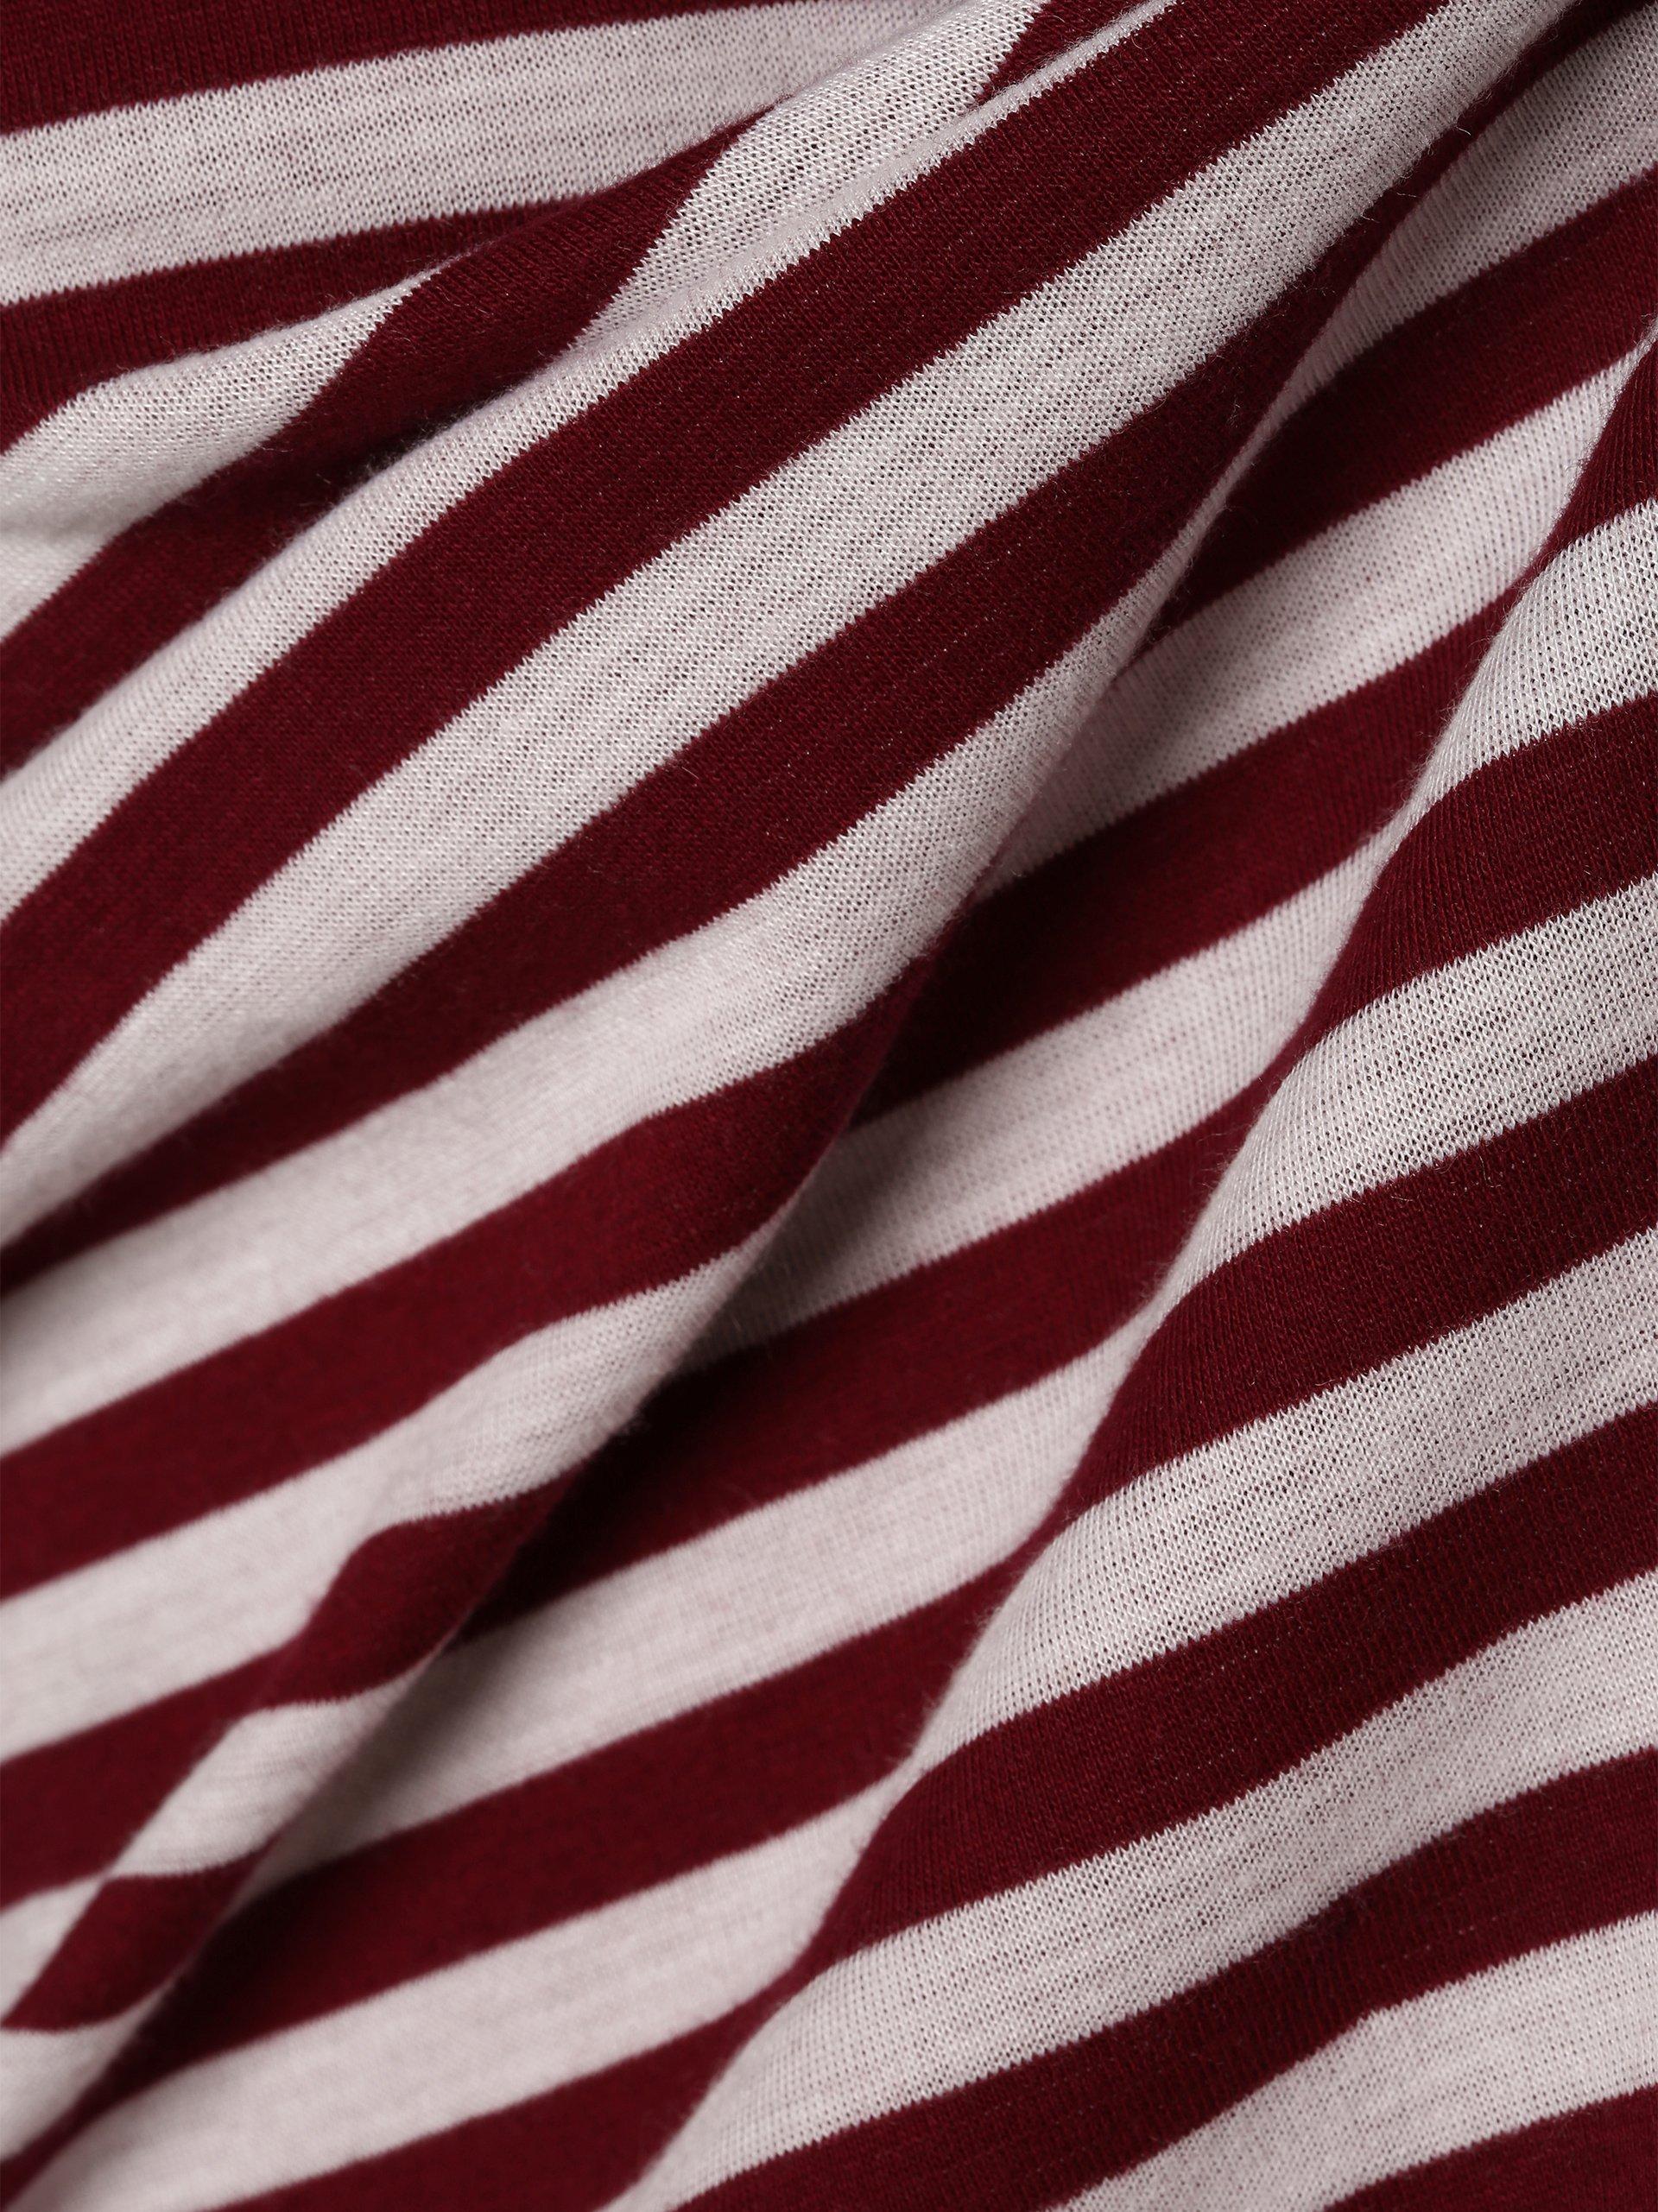 s.Oliver Casual Damska bluza nierozpinana